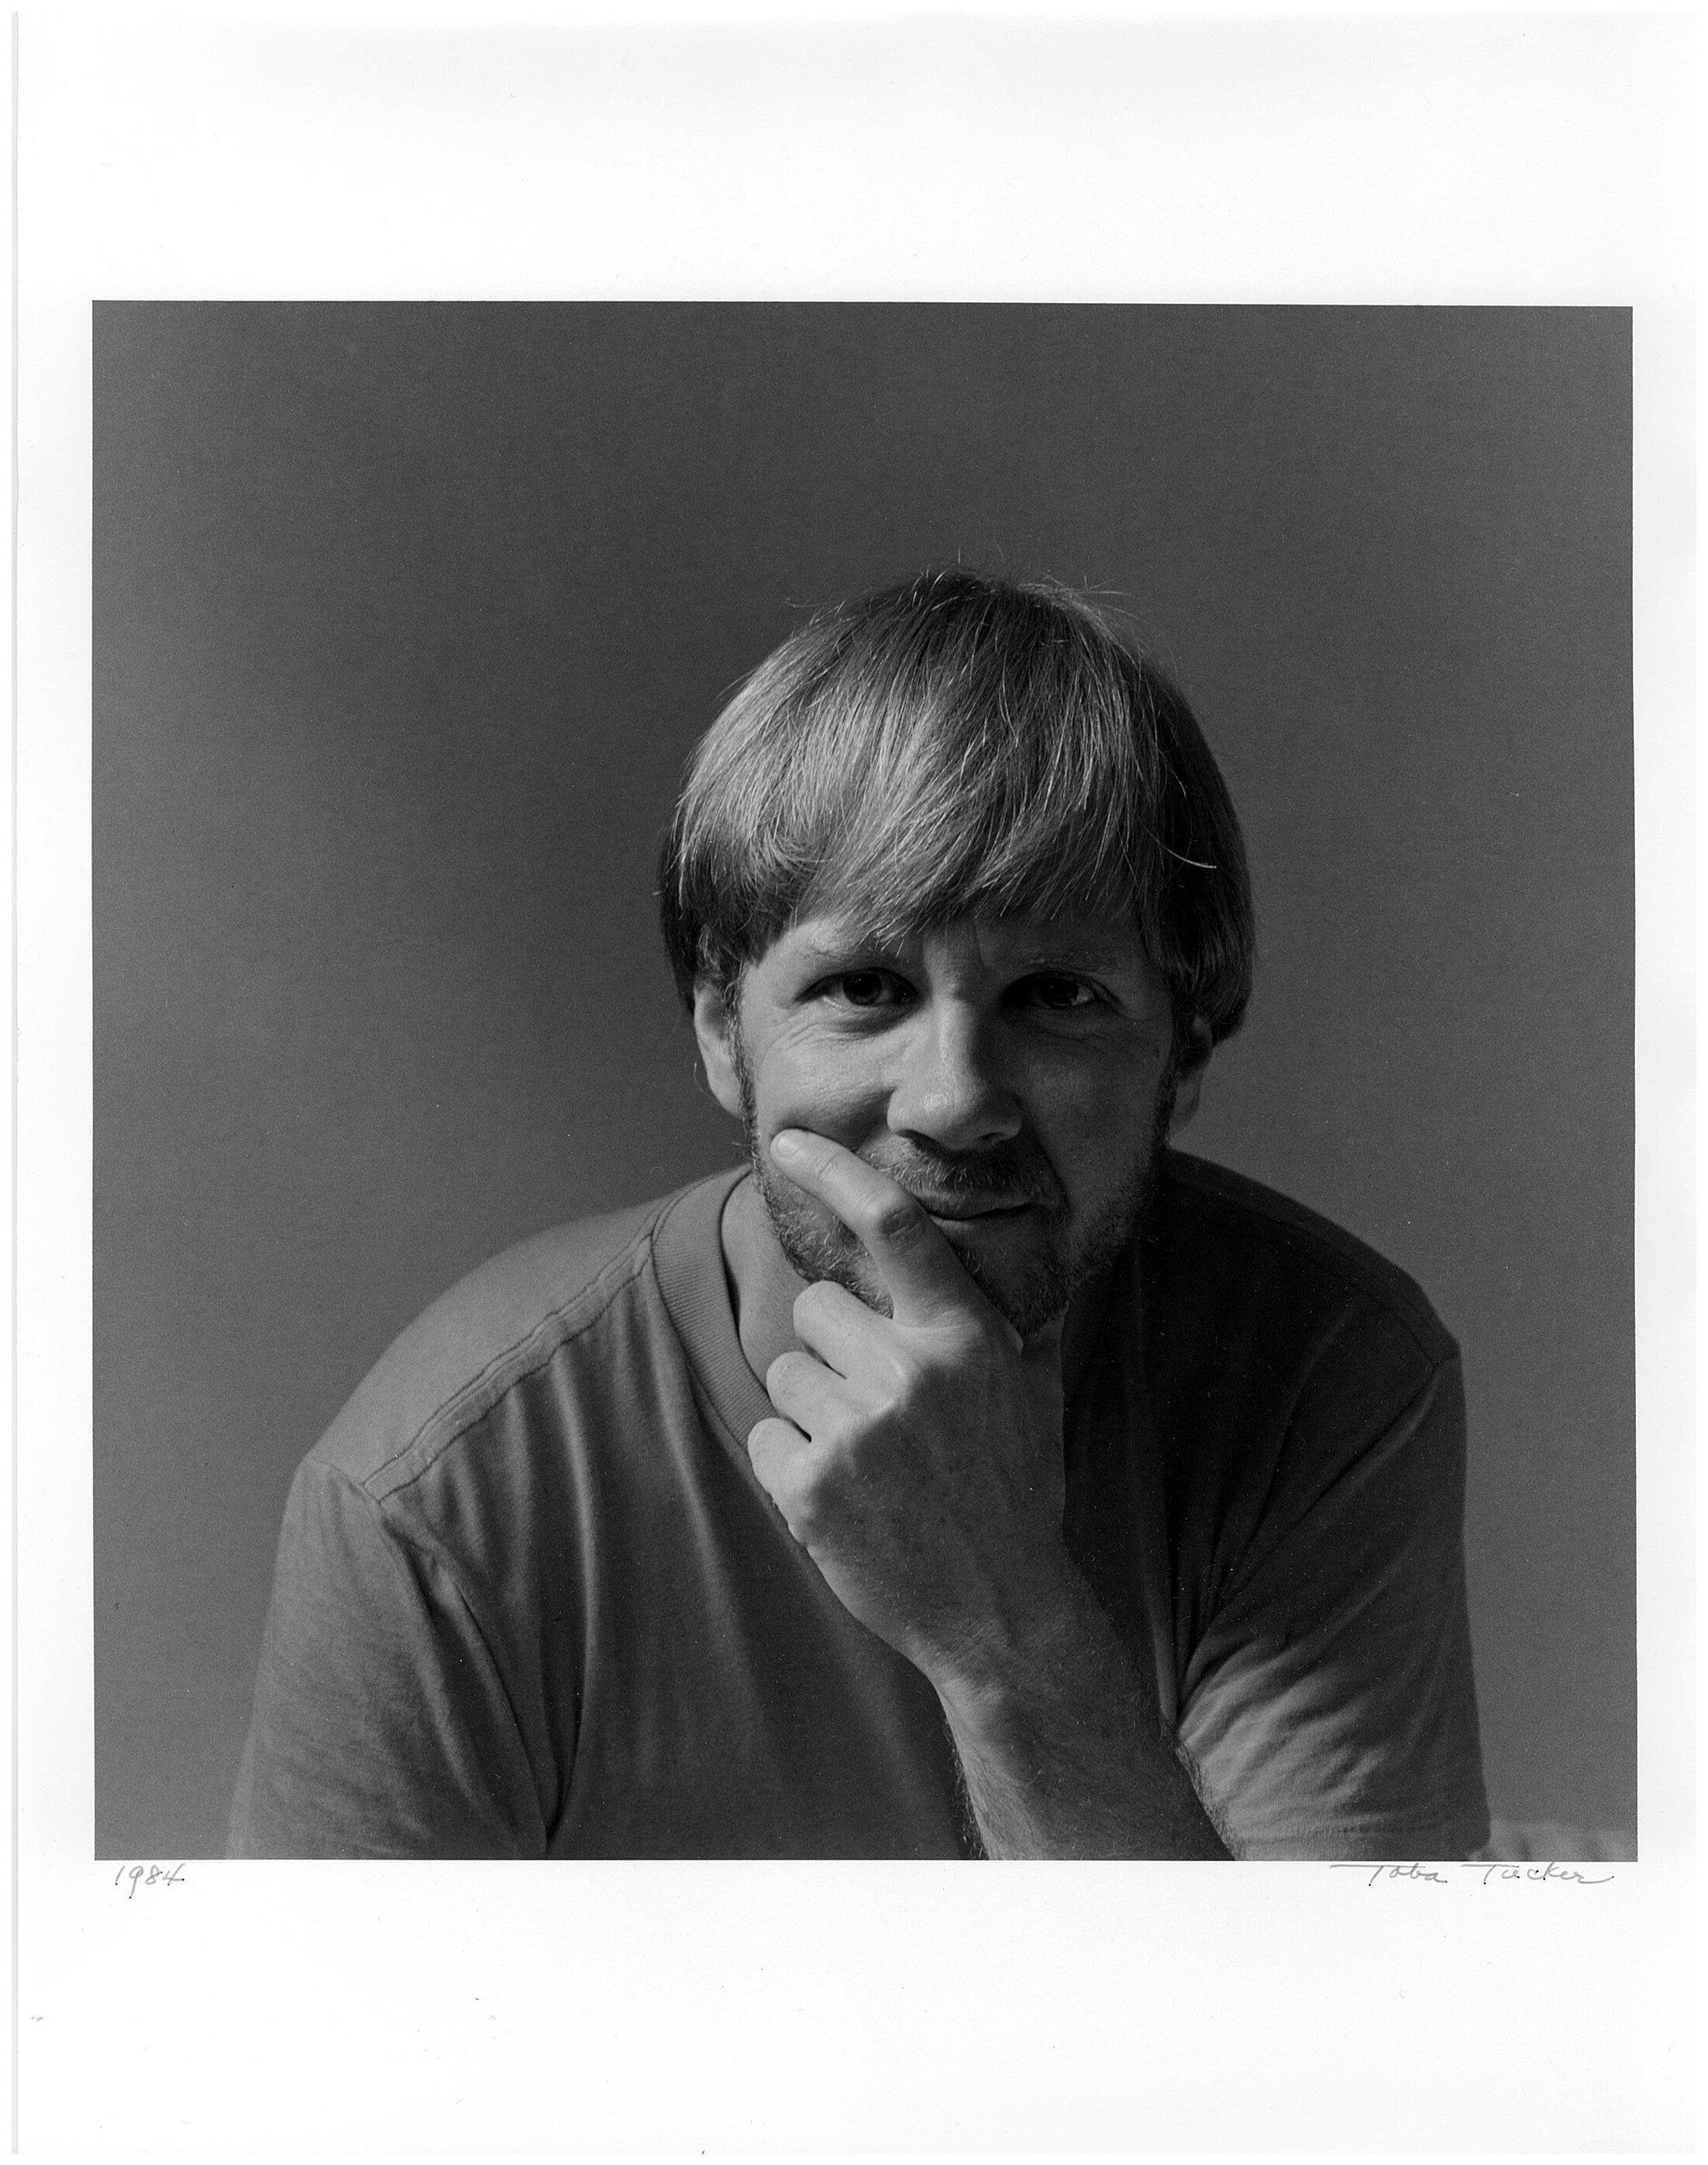 Robert Giard, 1985. Photo by Toba Tucker, Courtesy The Estate of Robert Giard